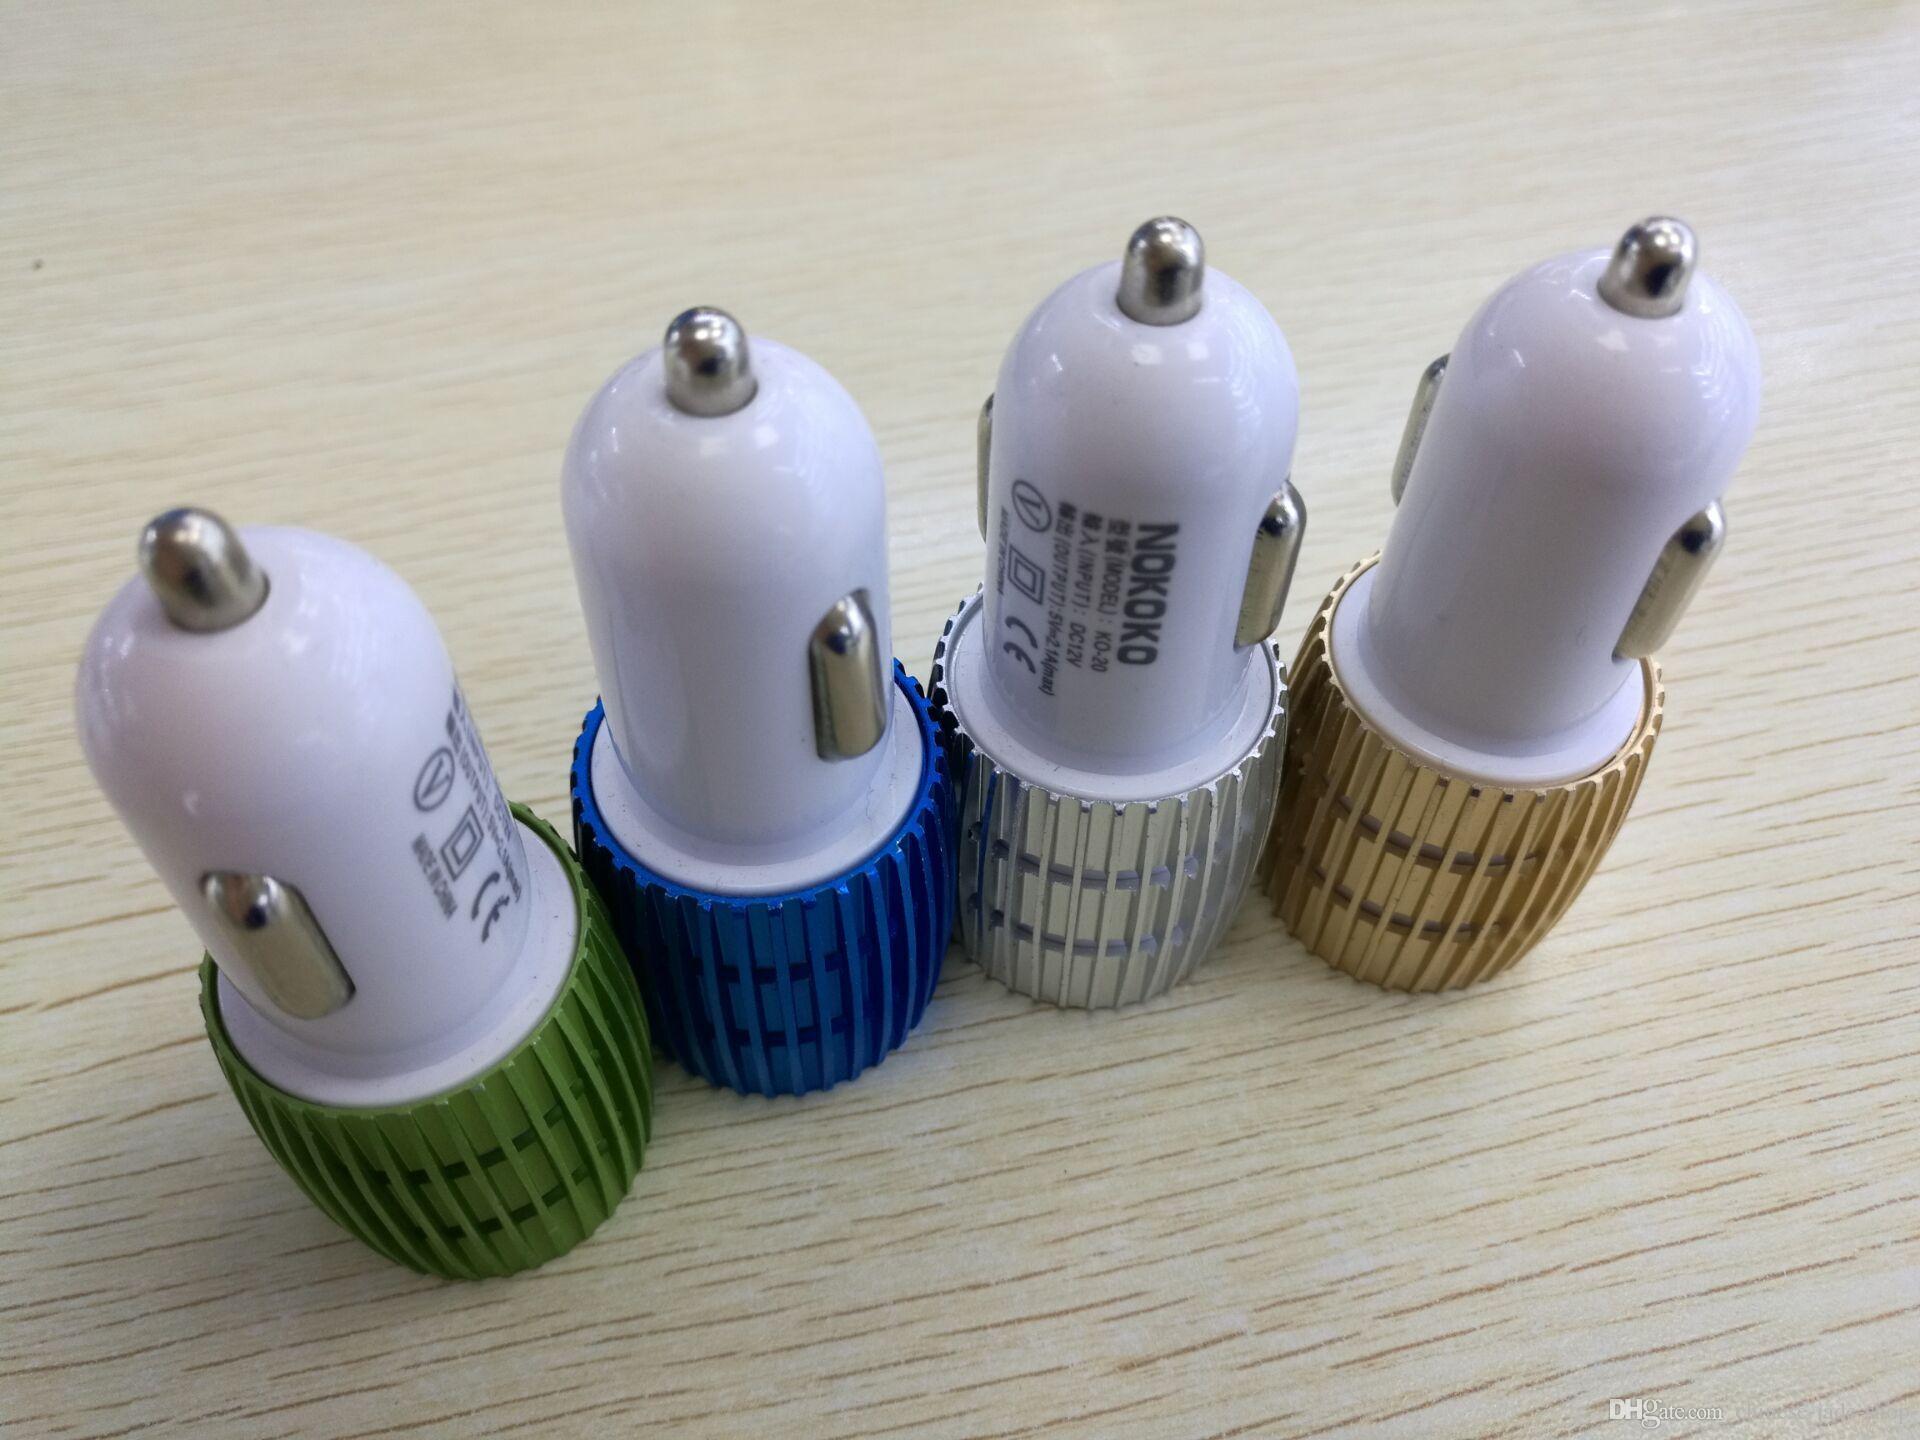 Real 1a Dual USB Billaddare Blå Ljus LED Aluminium Alloy Metal Adapter för Smart Phone /